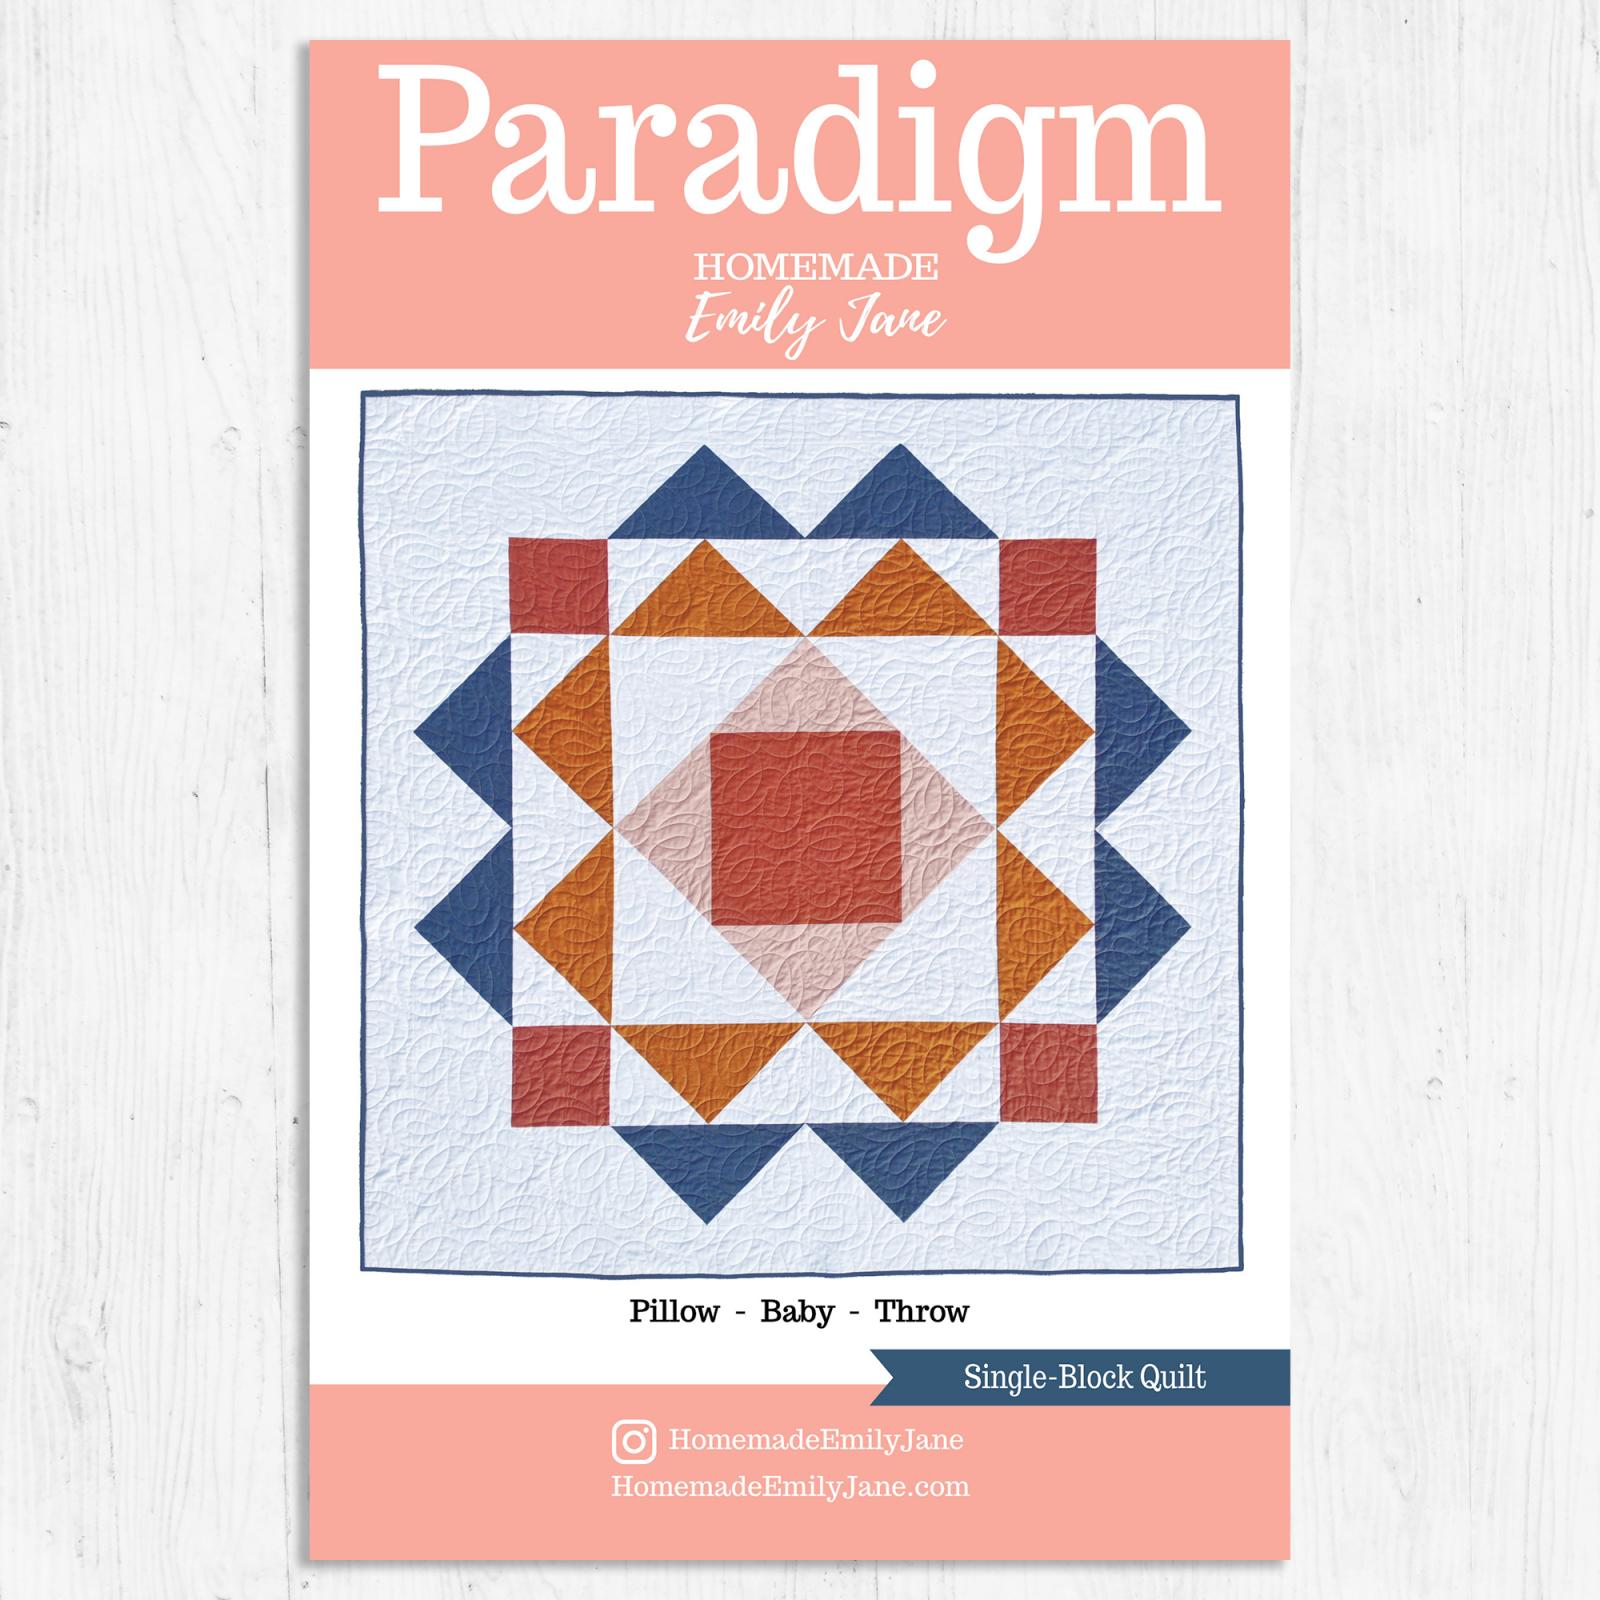 Paradigm Quilt Pattern